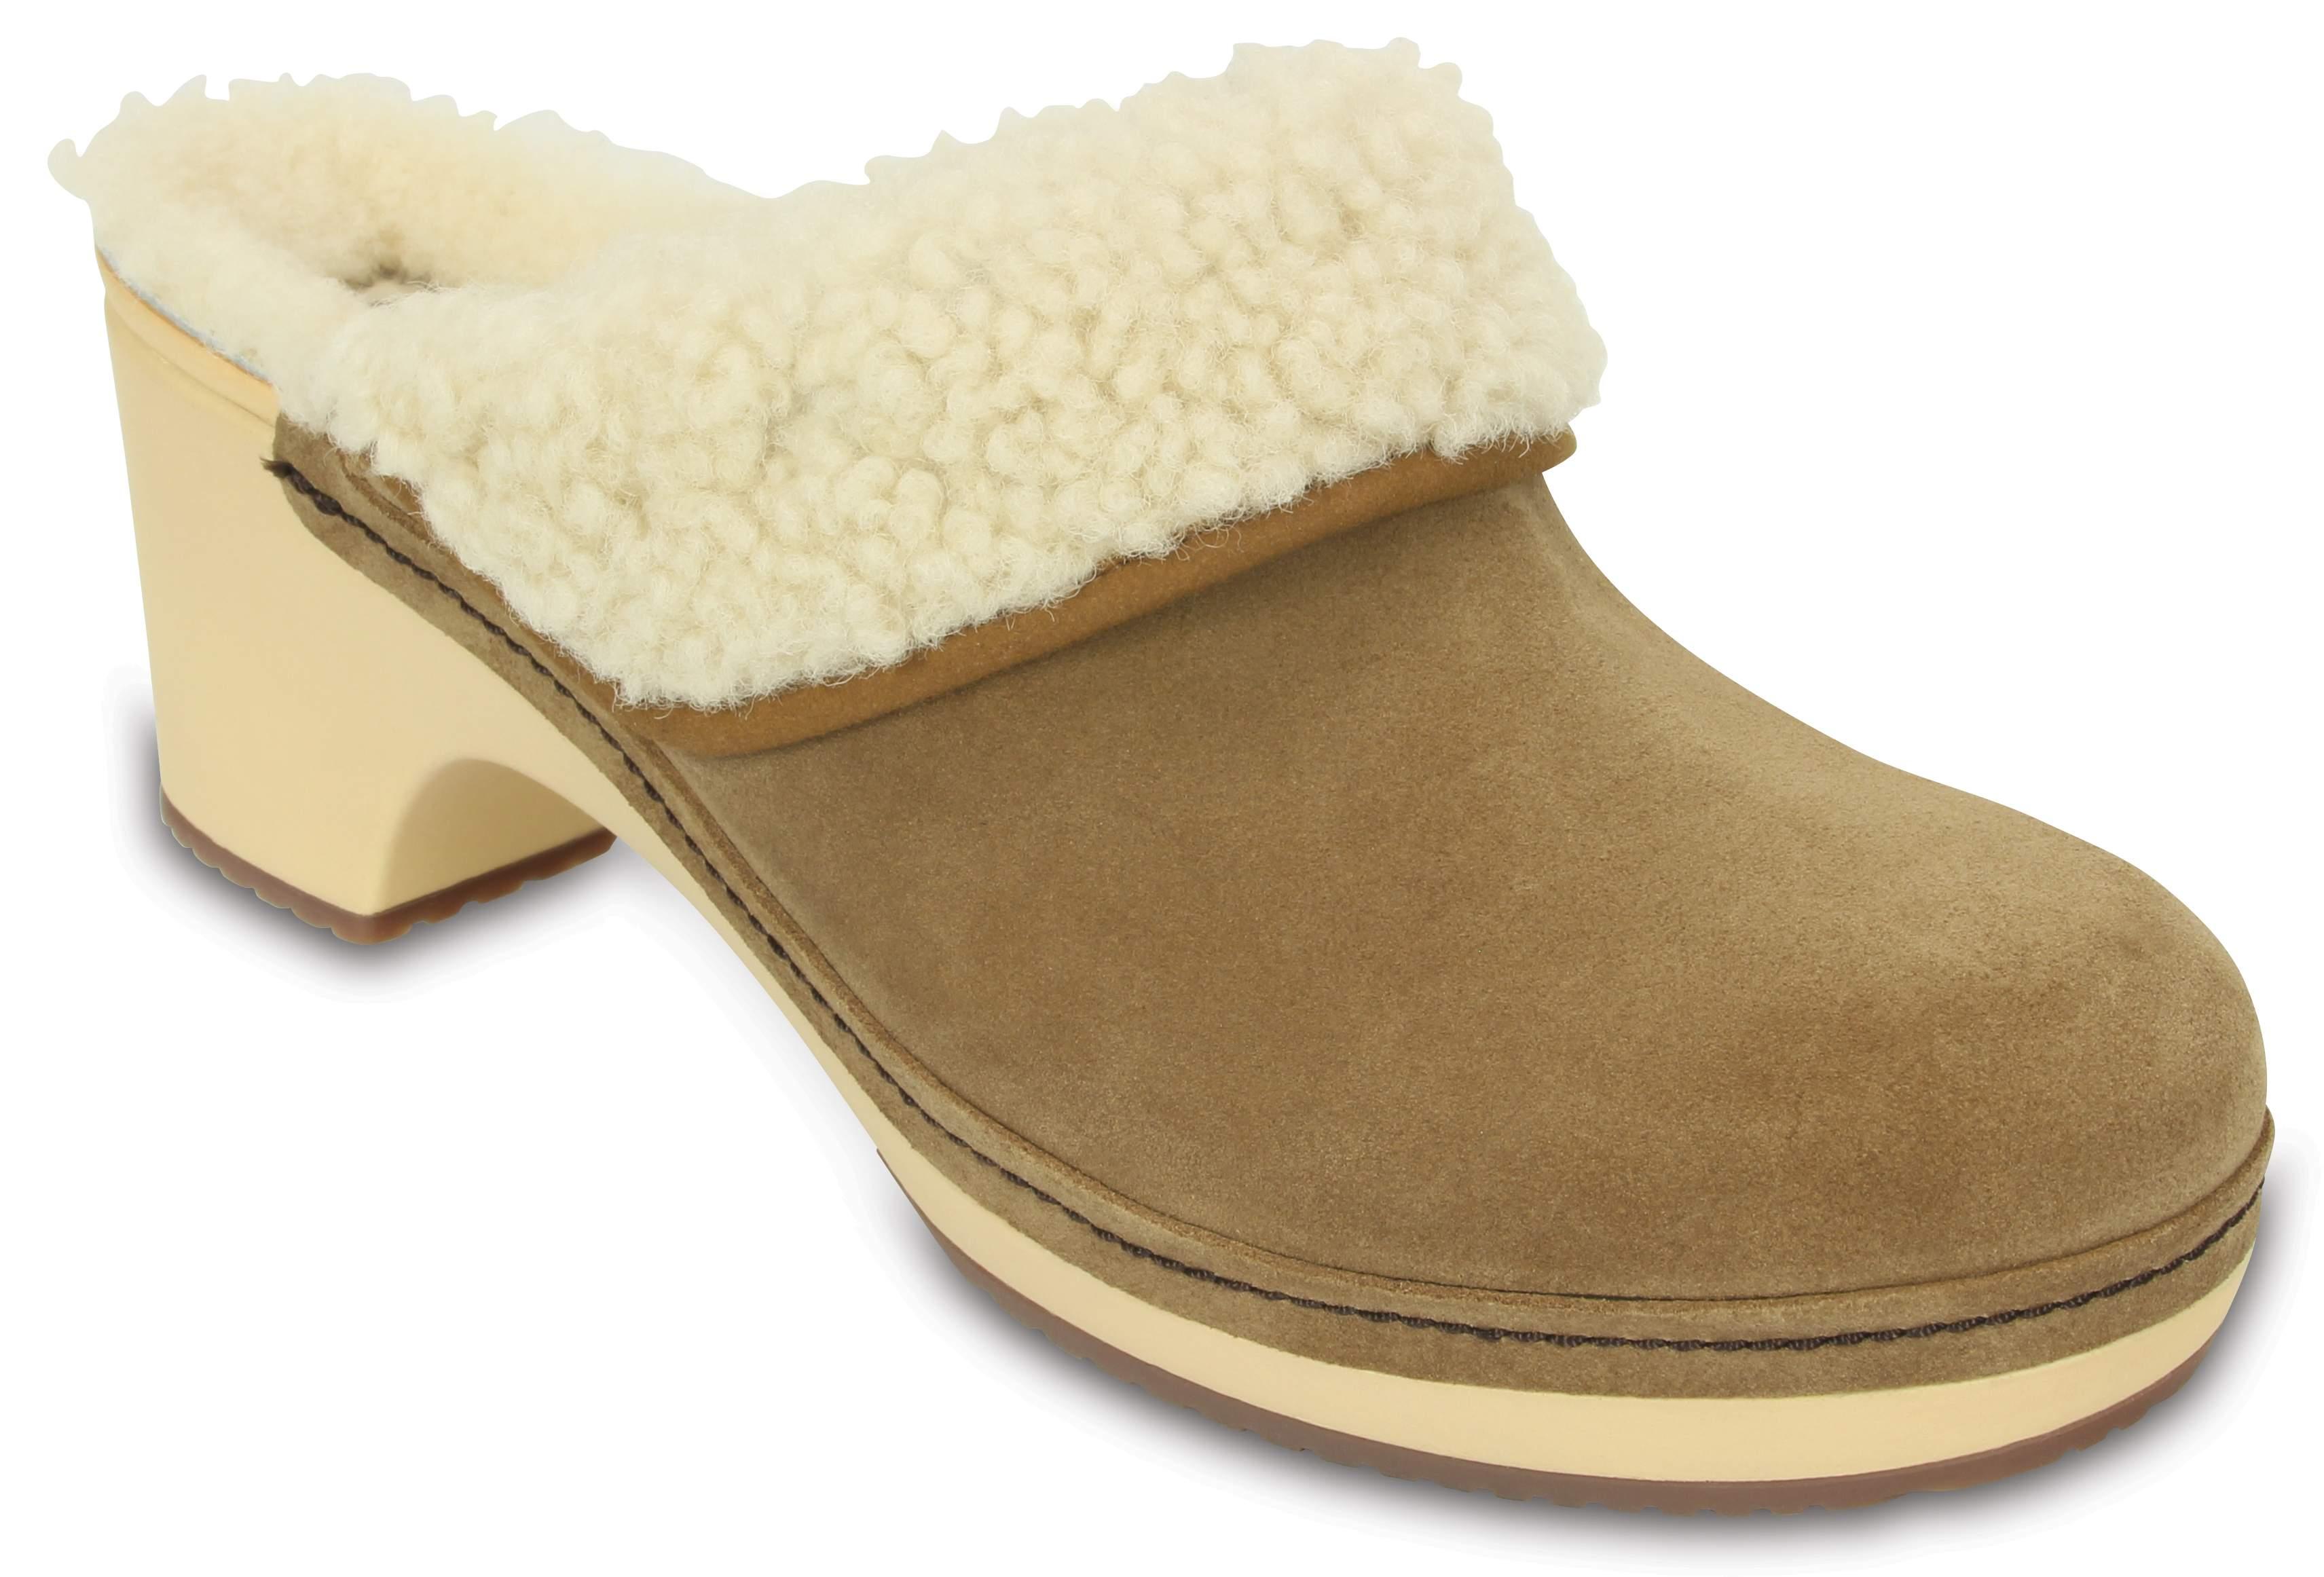 Crocs Sarah Luxe Lined Clog